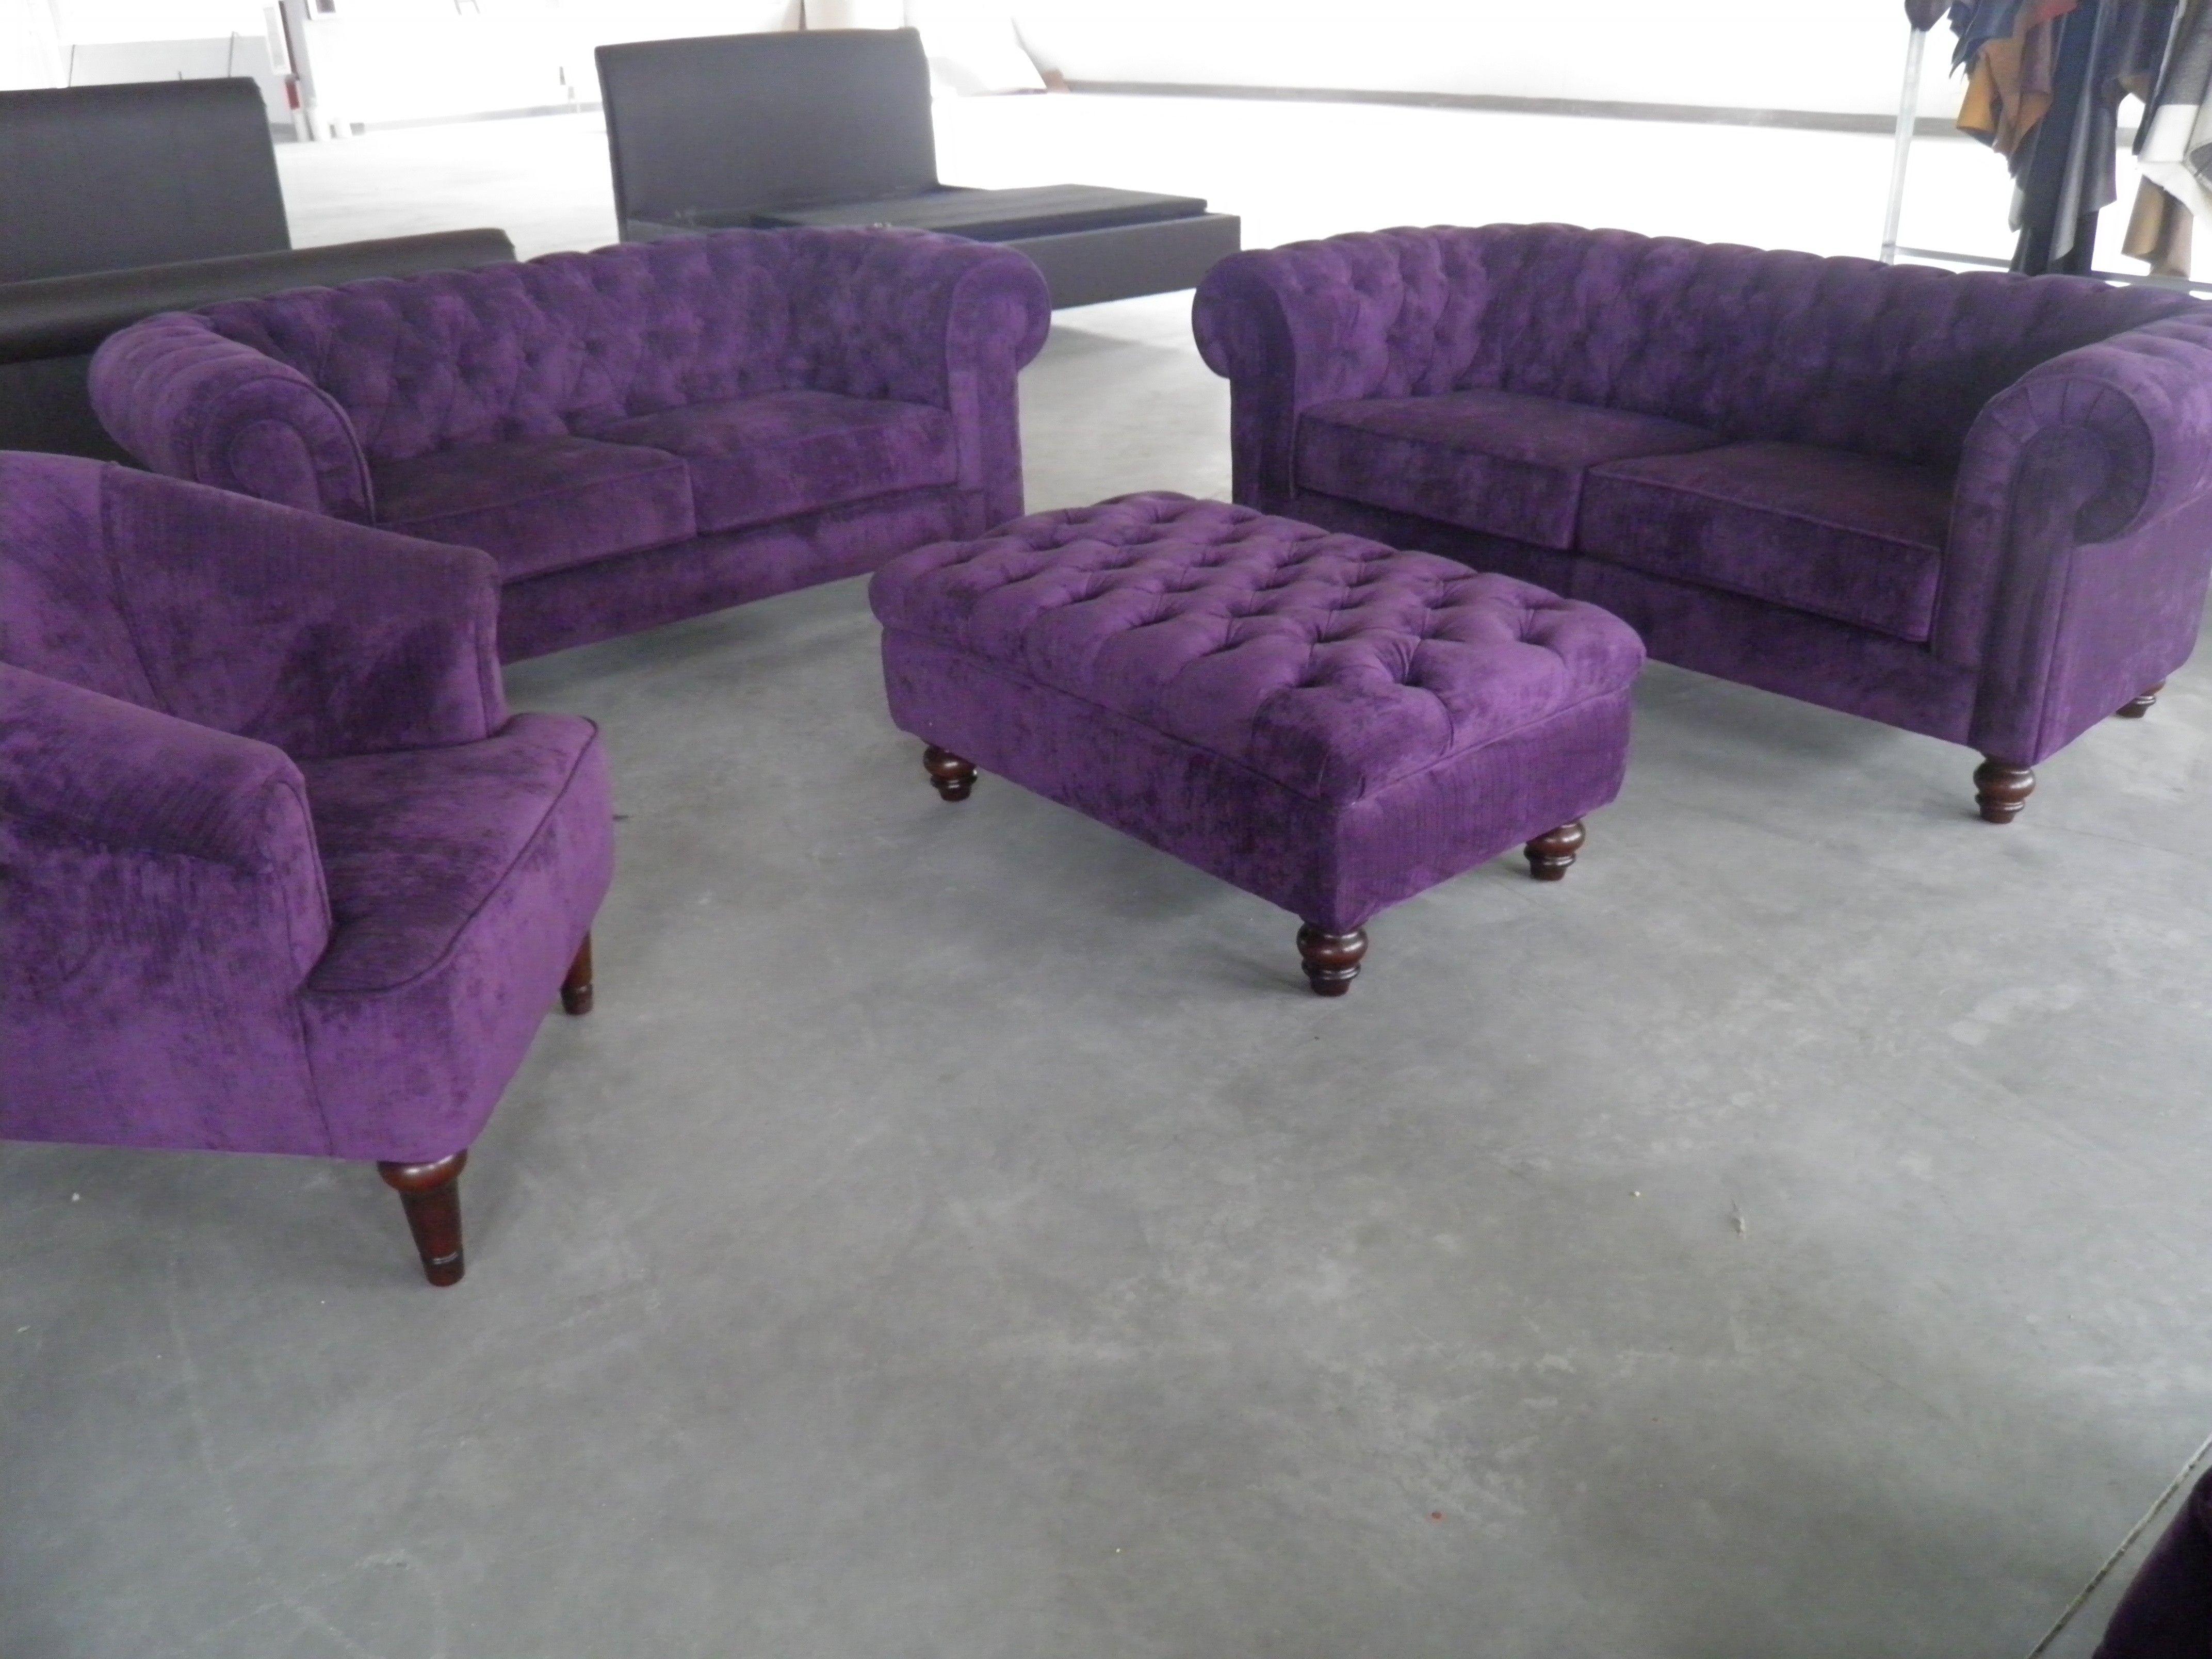 Canapes Et Fauteuils Chesterfield En Velours Violet Disponible Egalement En Gris